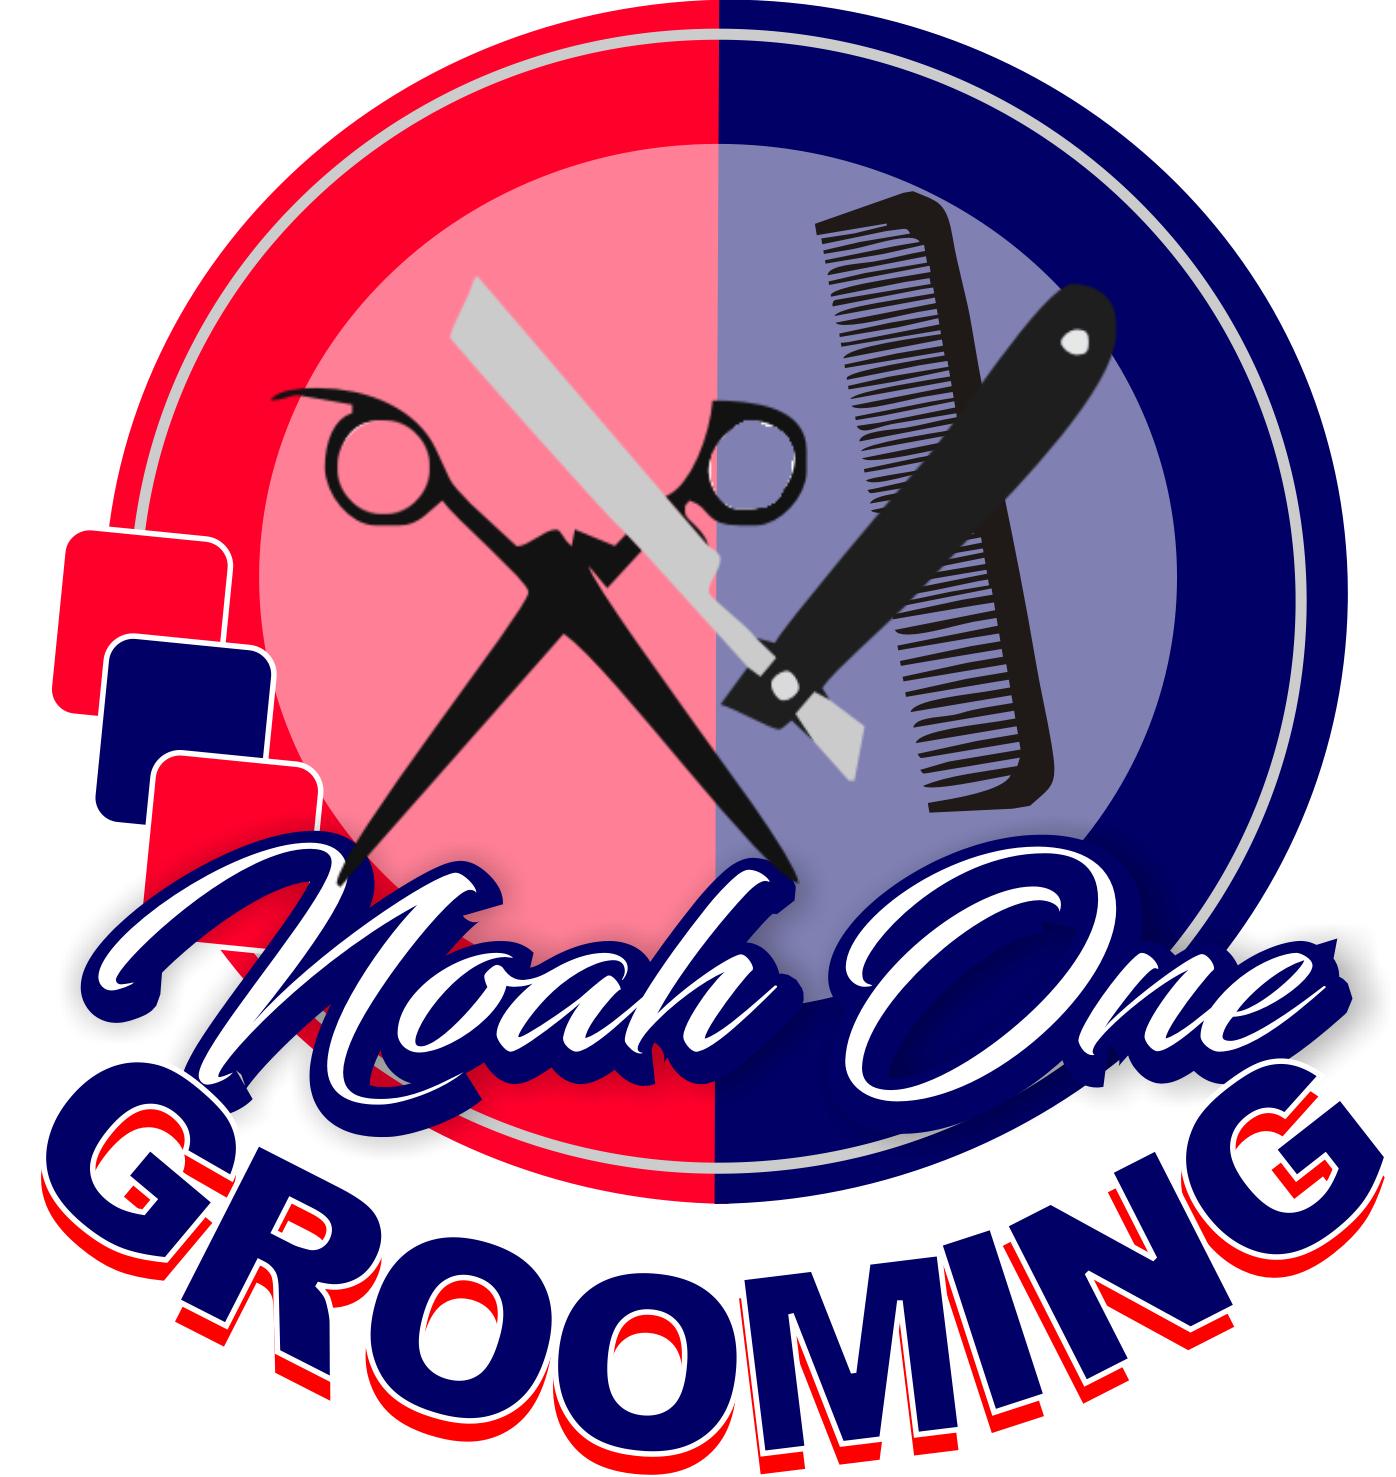 Noah One Grooming logo